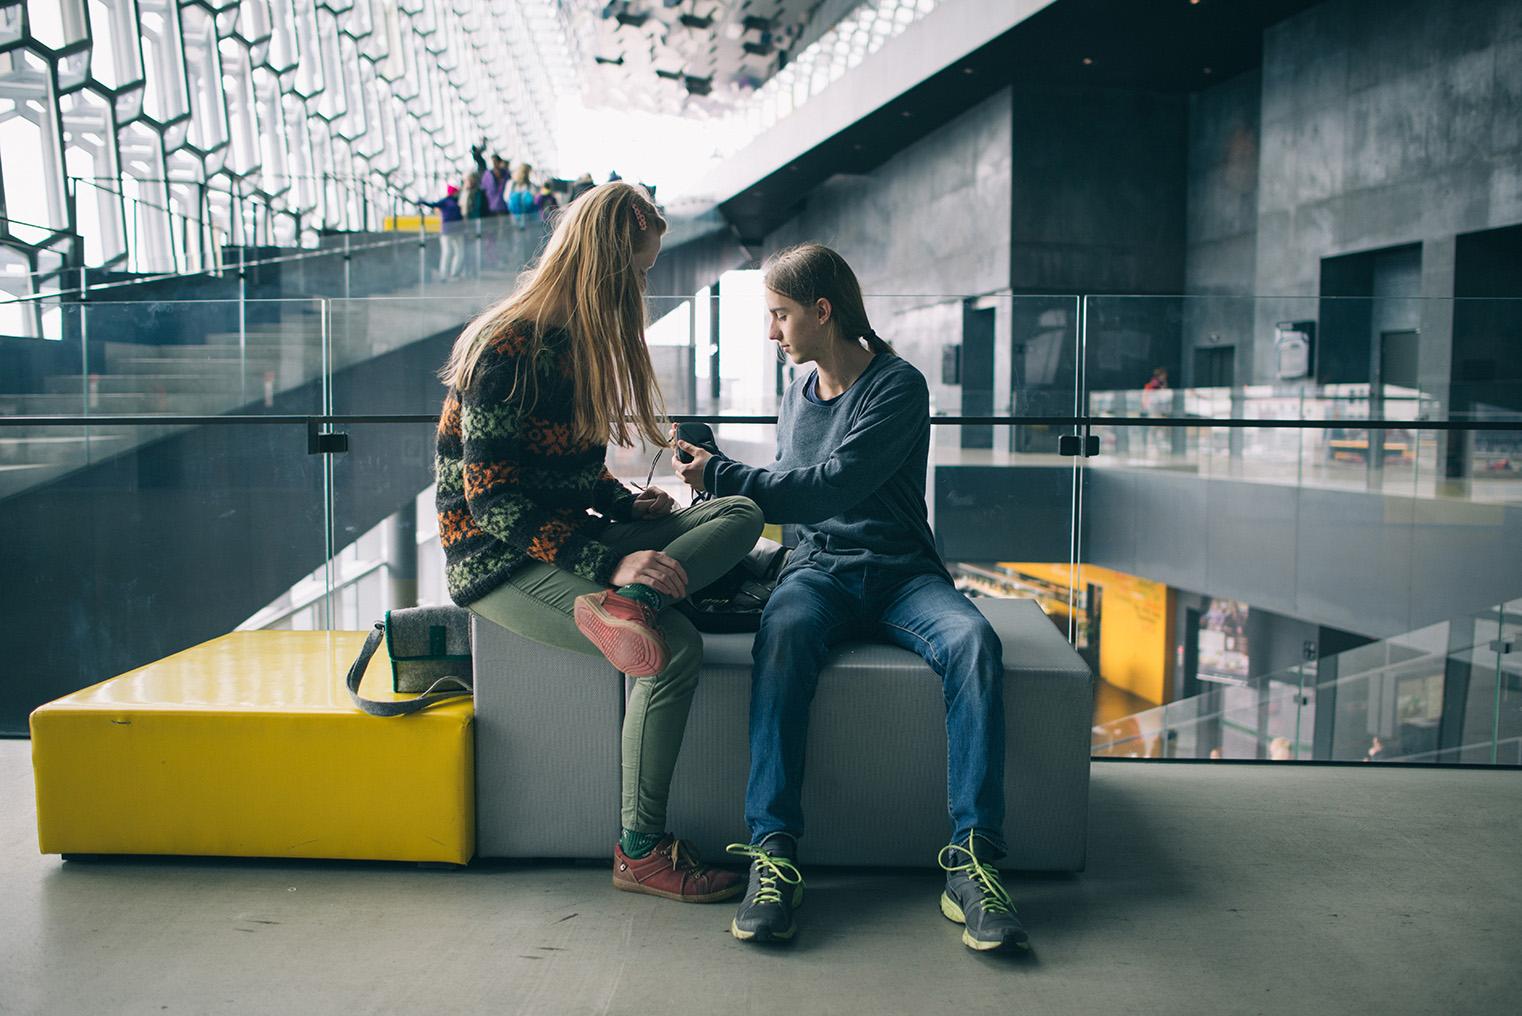 13C.Opera HARPA -Reykjavik - Islandia - podroz z dzieciem.